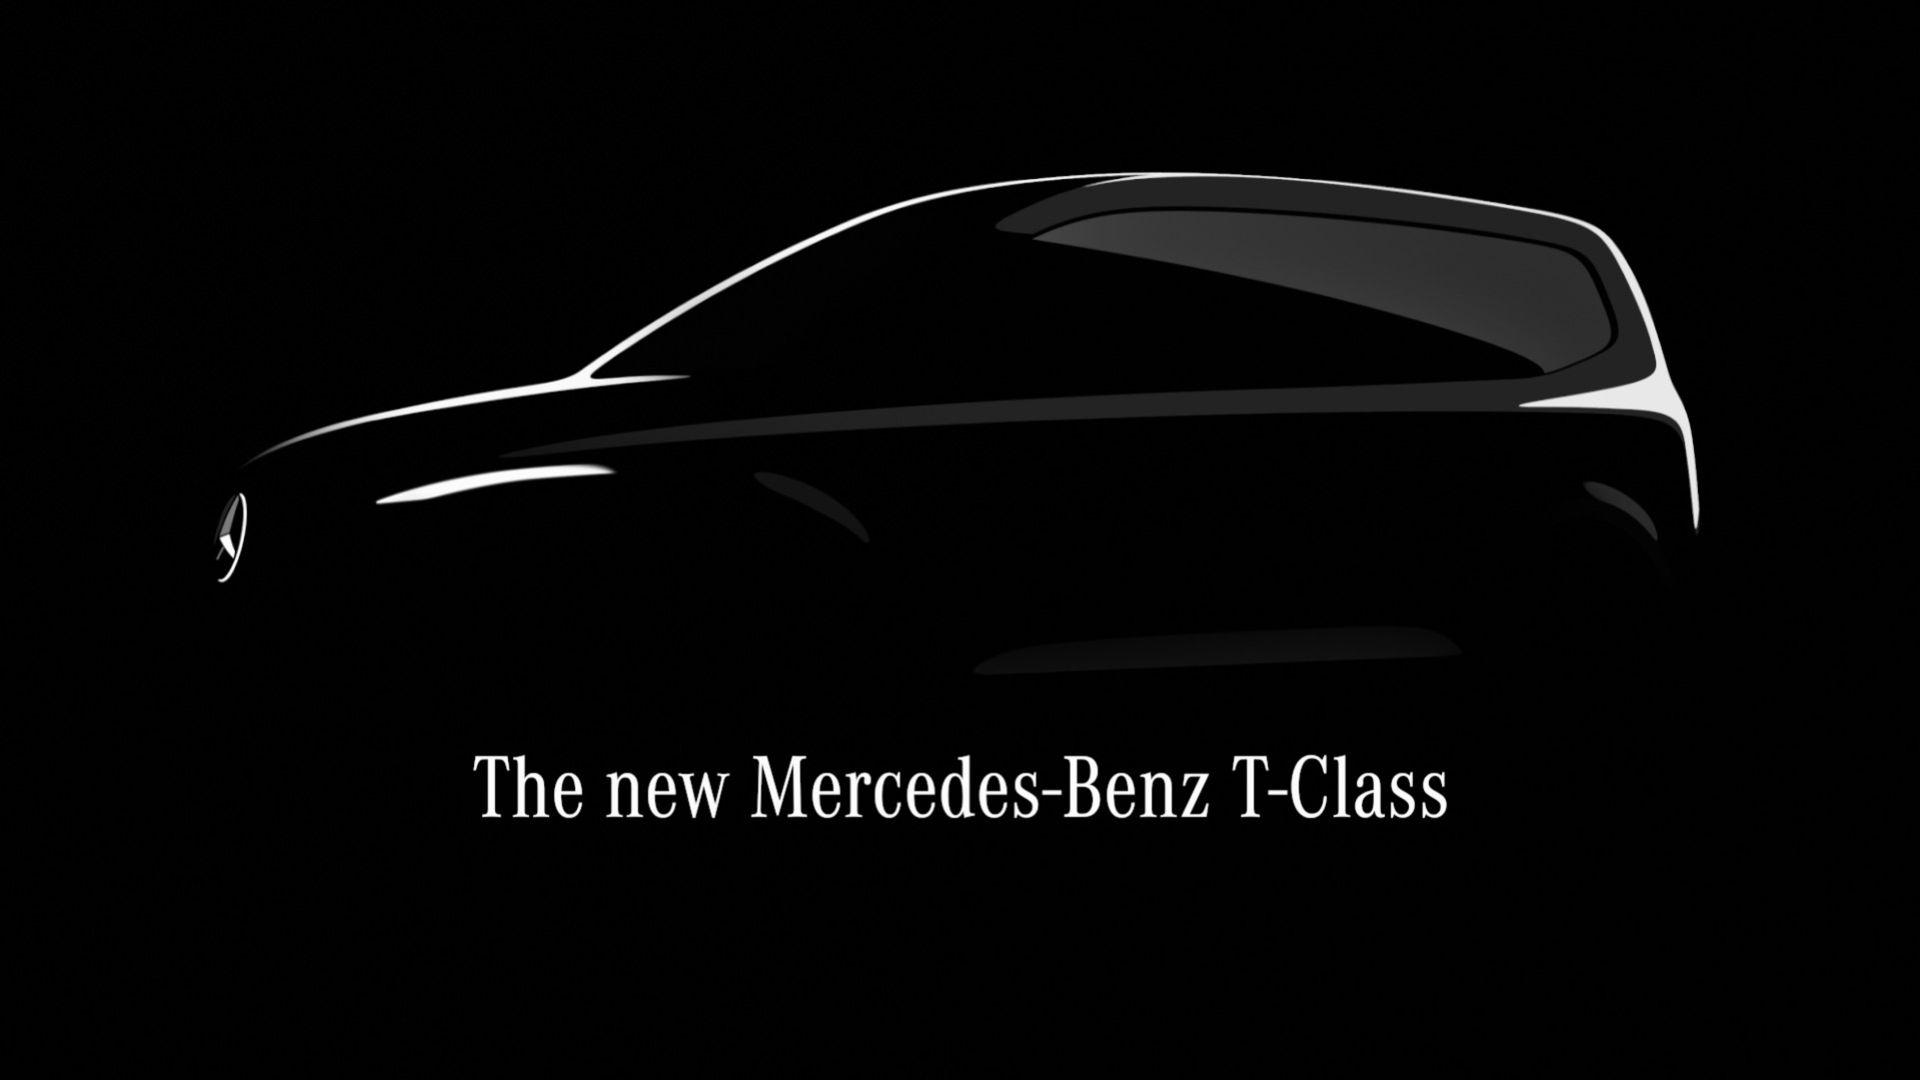 Mercedes har en ny modell på gång - T-Klass